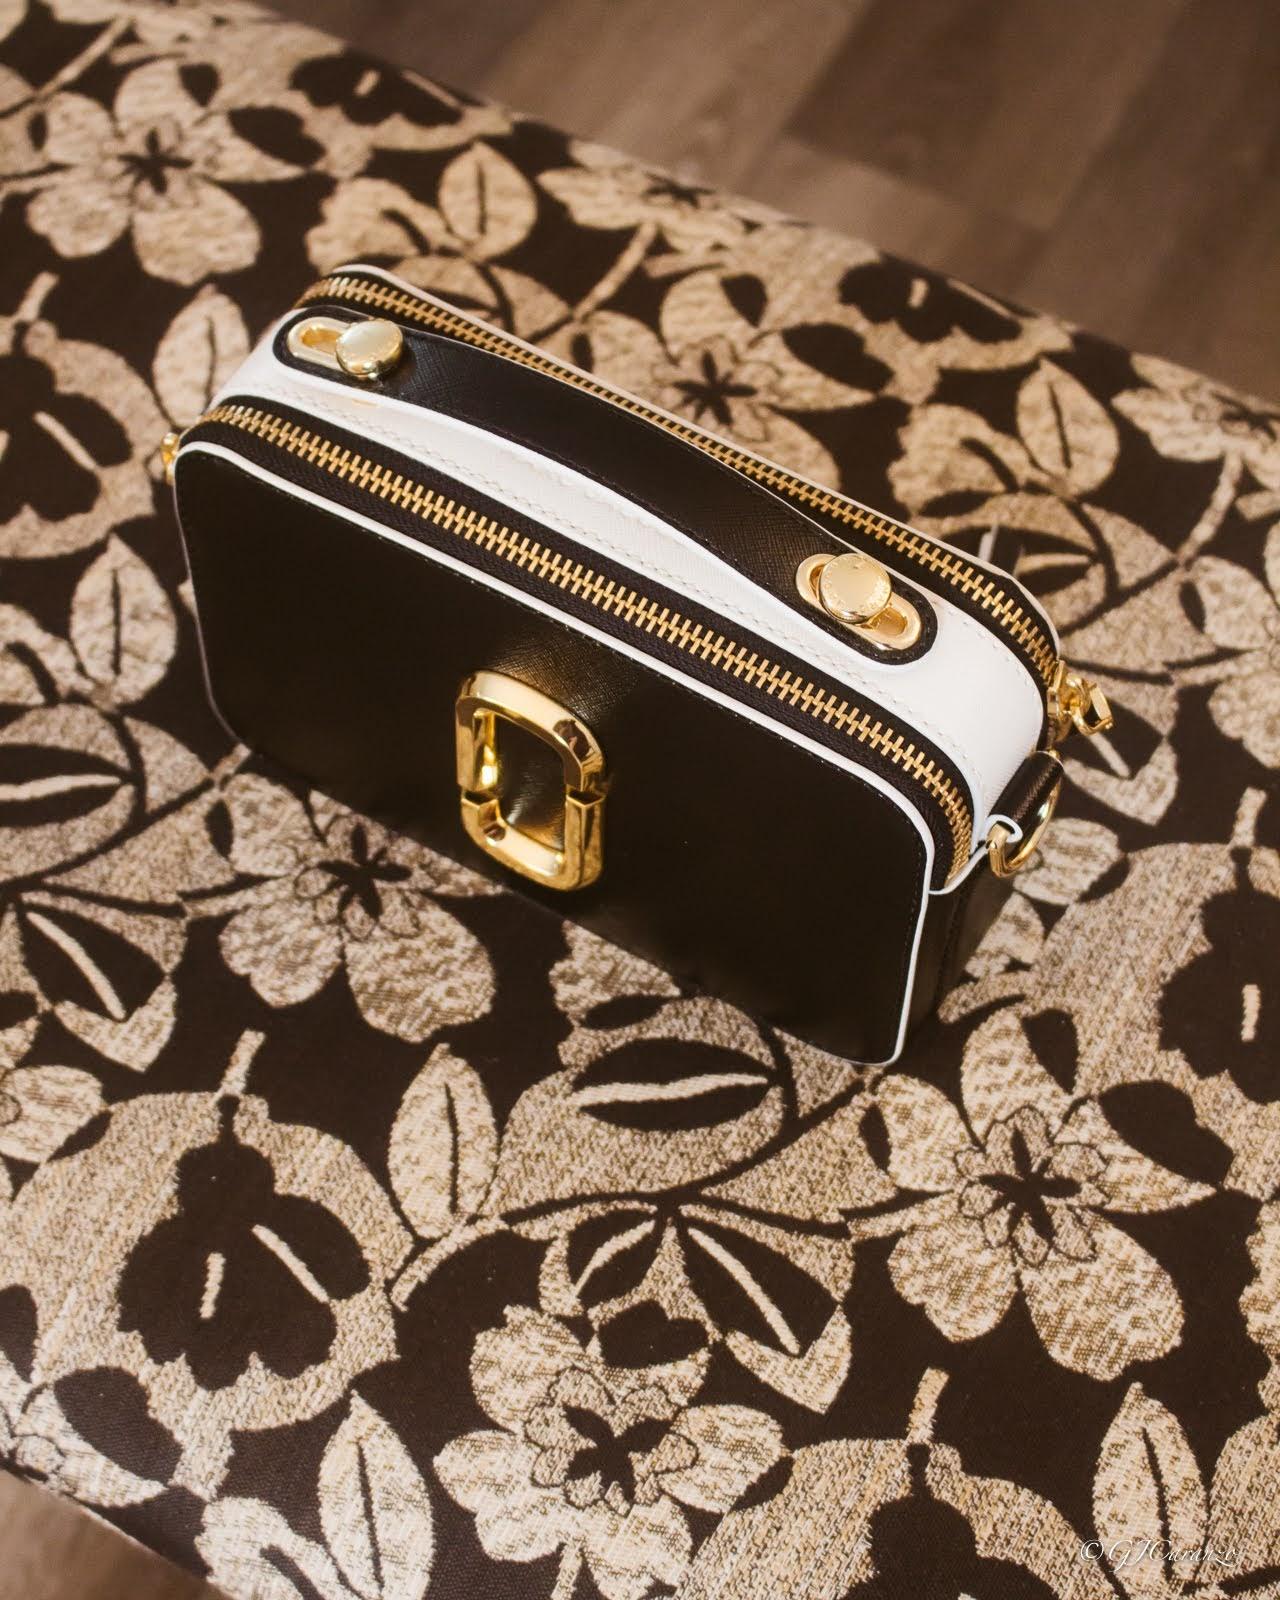 Marc Jacobs Sure Shot Bag